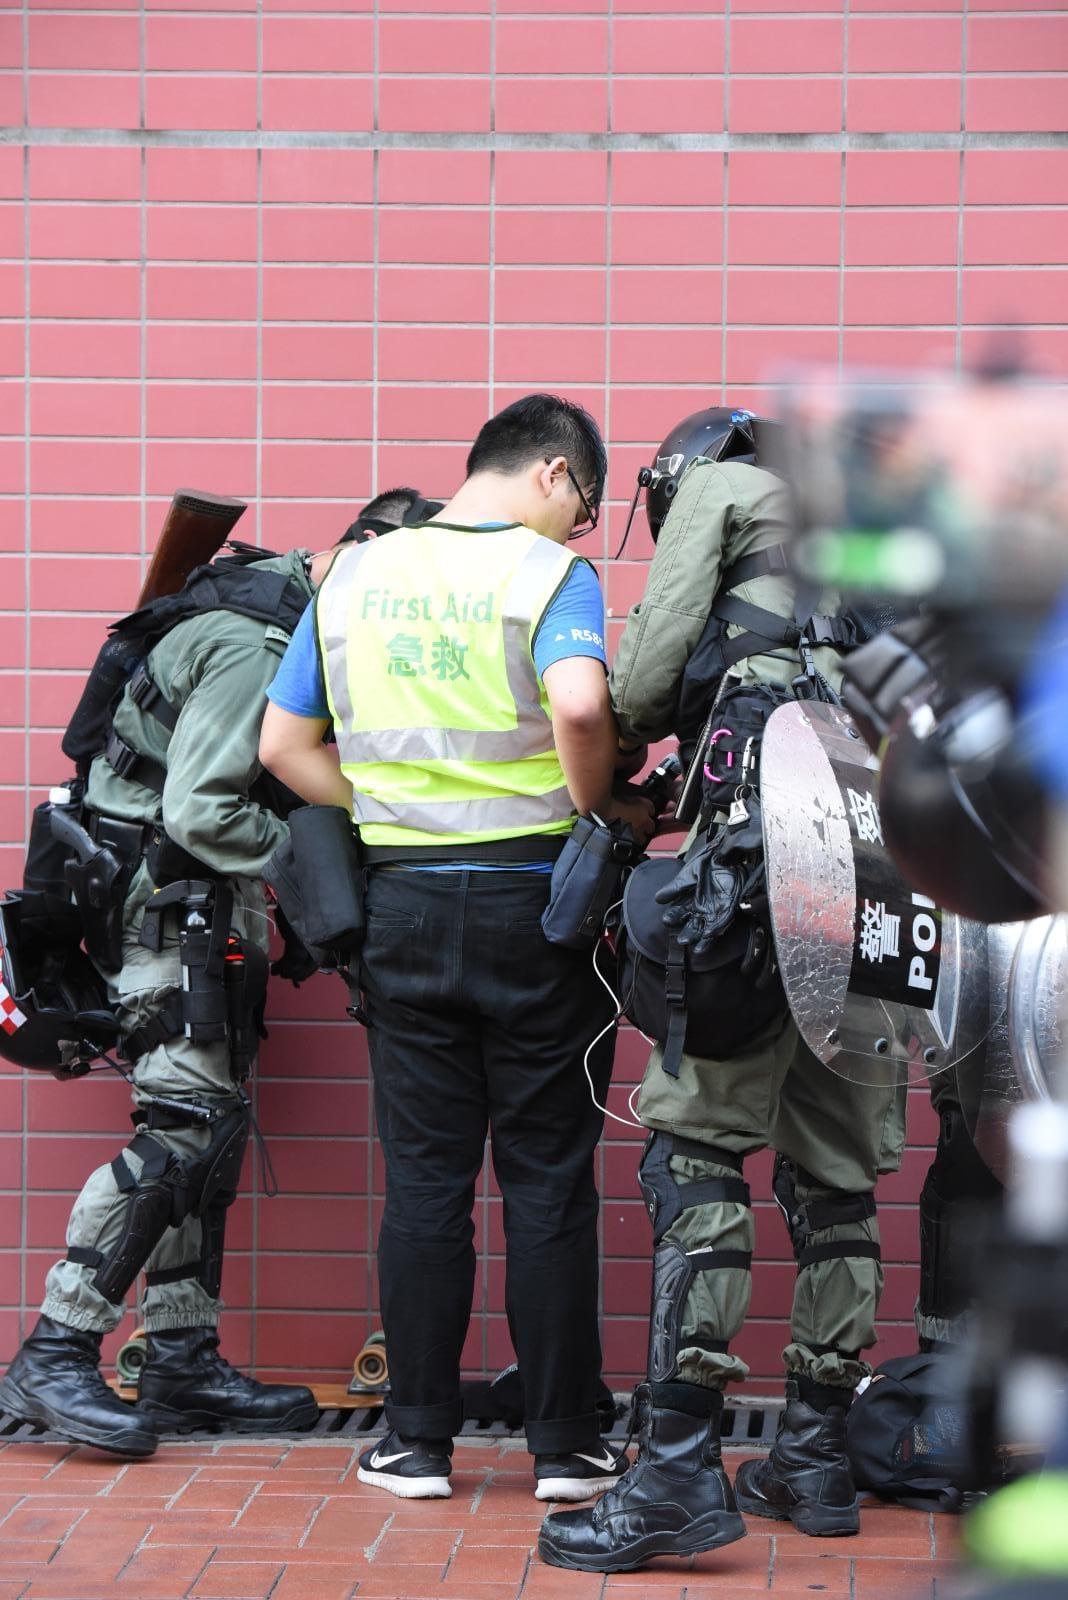 屯門防暴警察制服多人